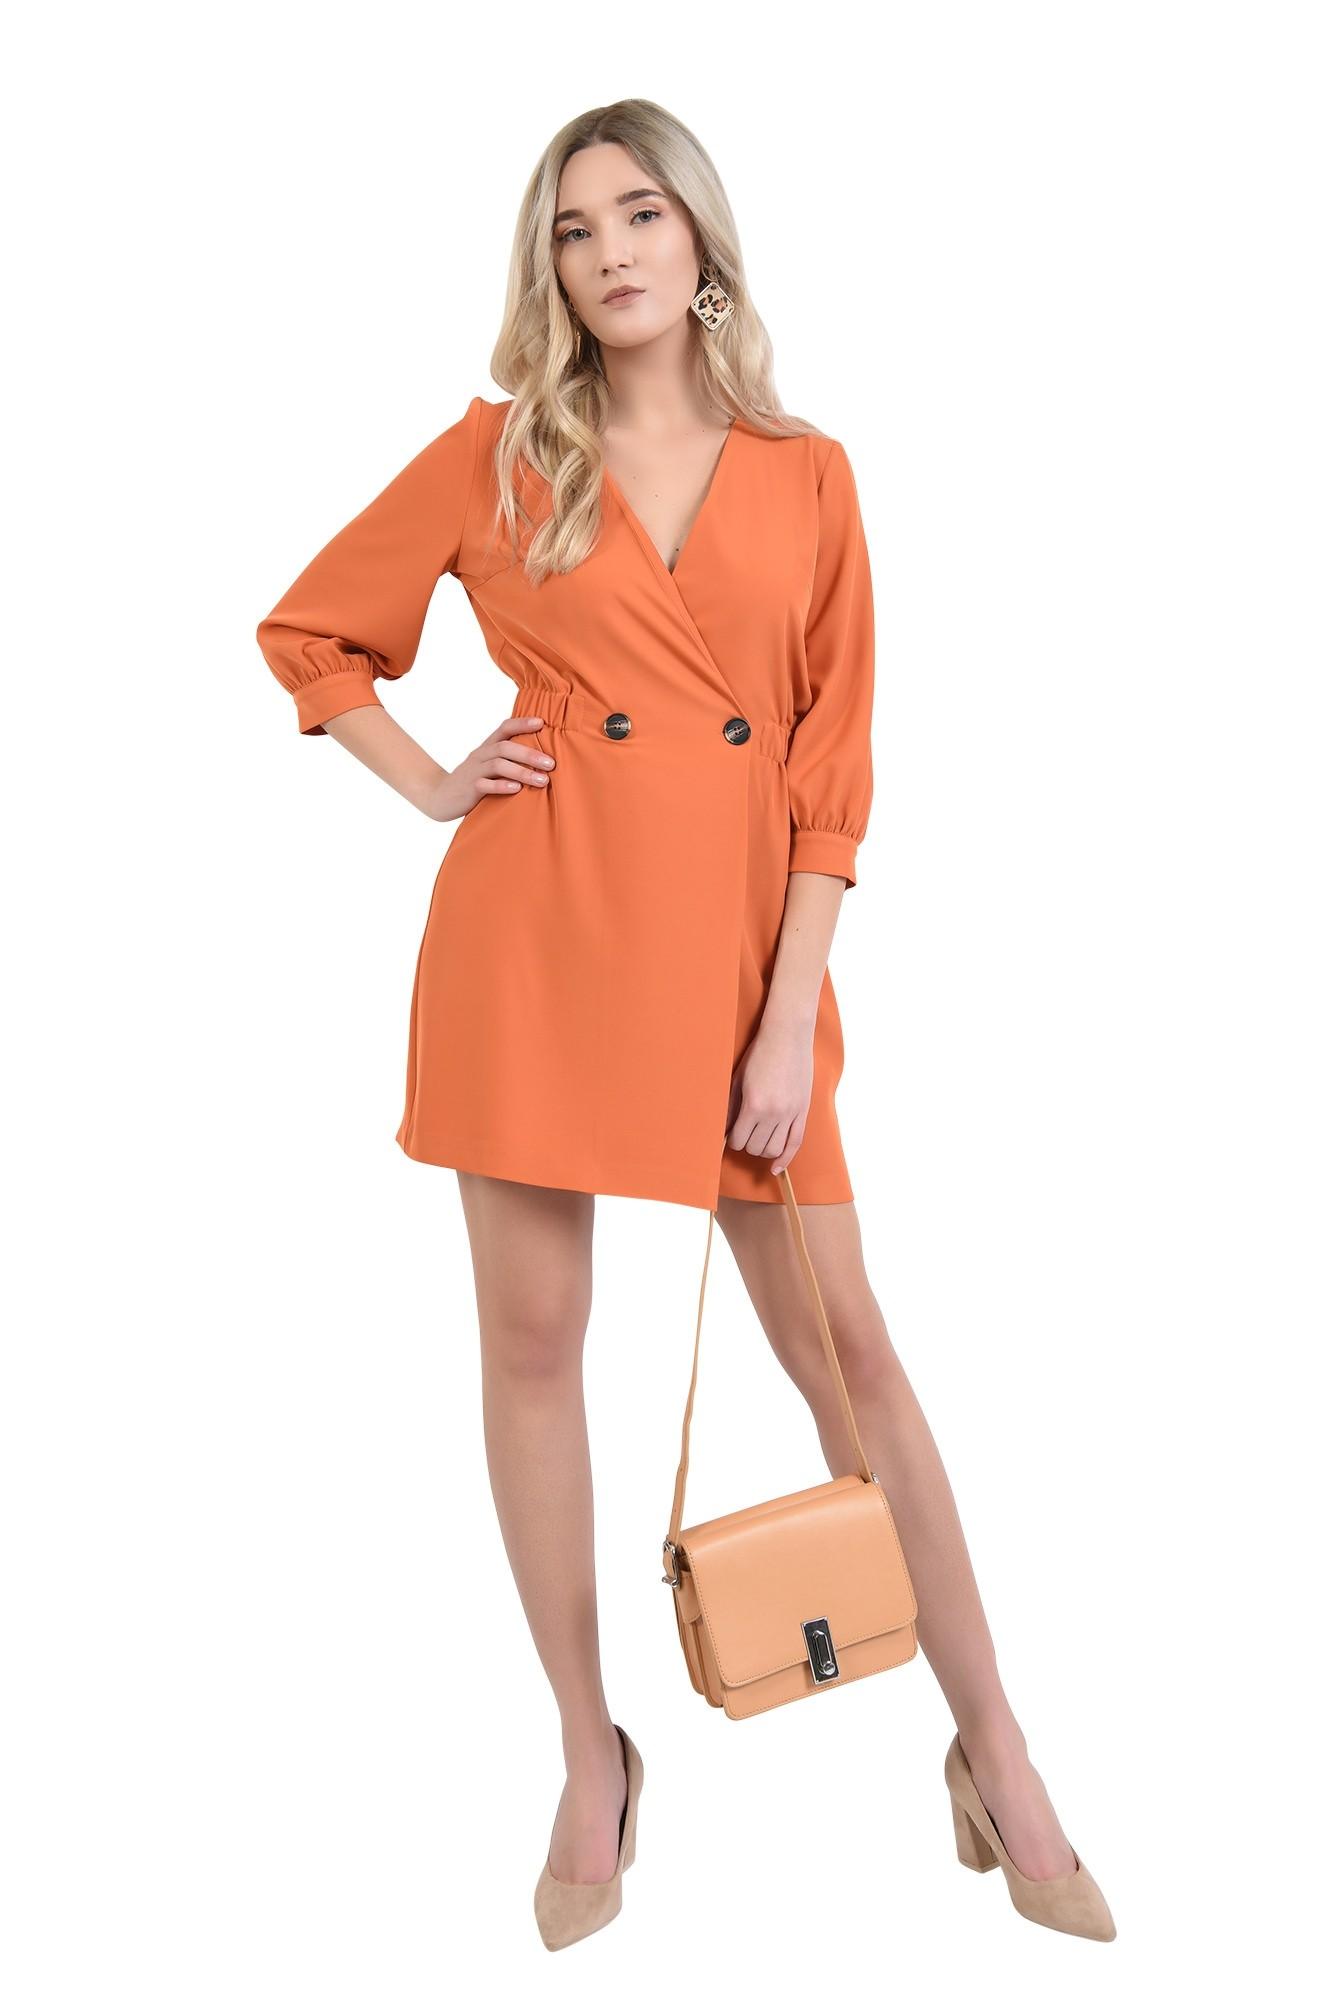 0 - rochie orange, mini, anchior petrecut, inchidere la doi nasturi